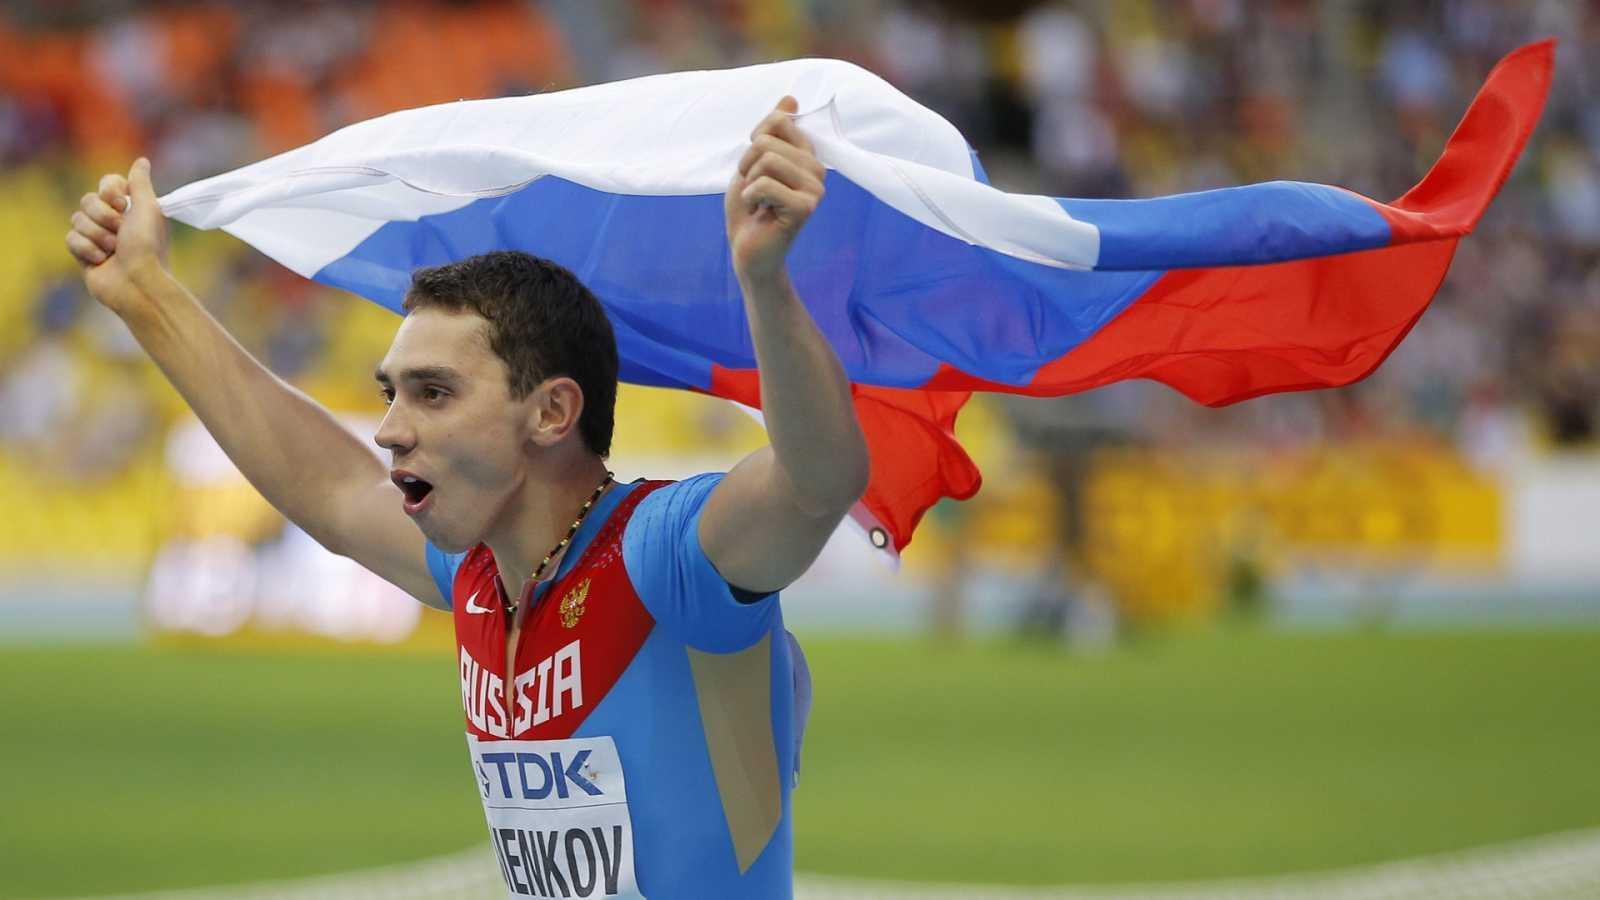 El ruso Aleksandr Menkov celebra su victoria en la final de salto de longitud de los Mundiales de Atletismo Moscú 2013